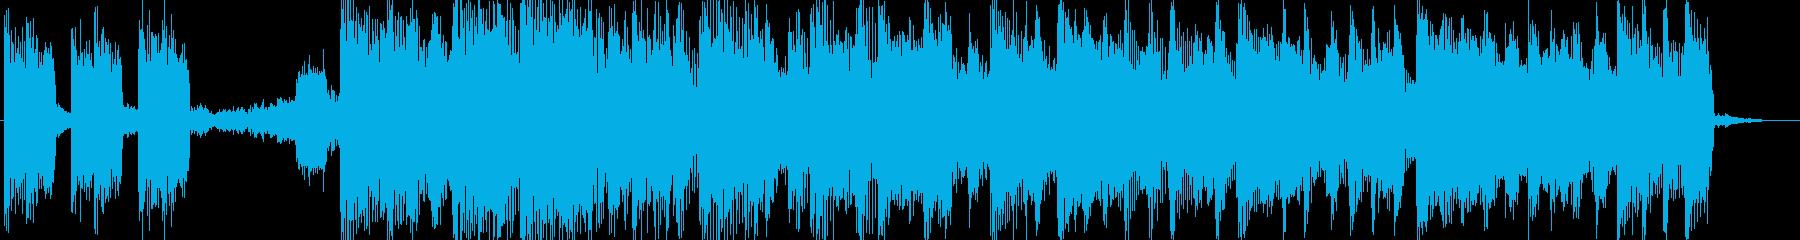 出囃子、ジングルサマー音源の再生済みの波形